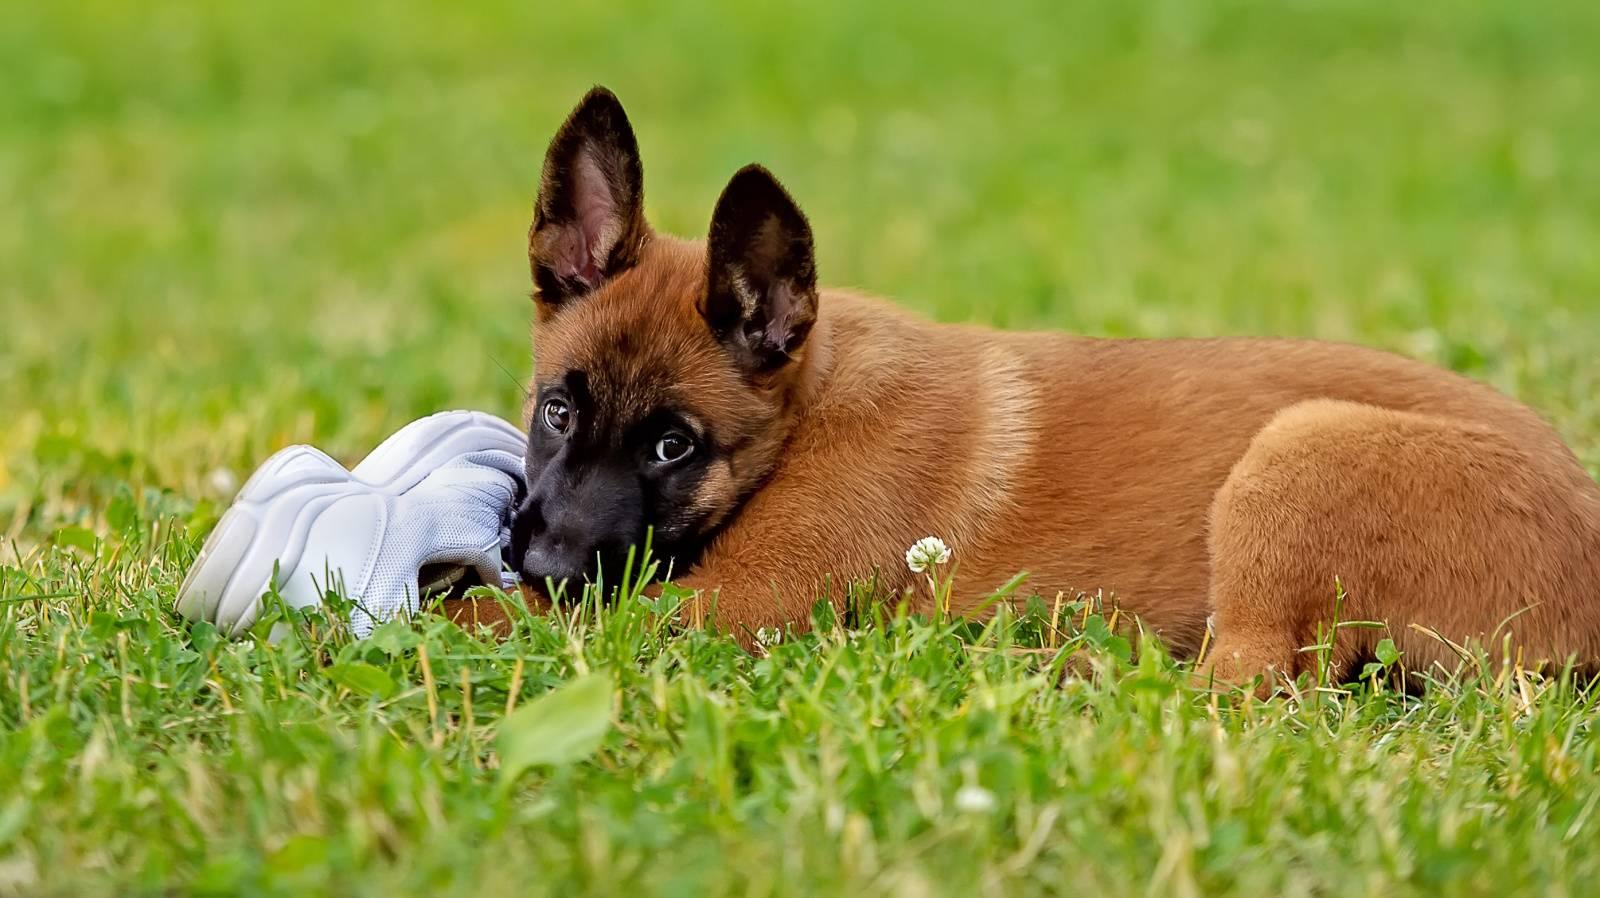 какая порода собак лучше поддается дрессировке